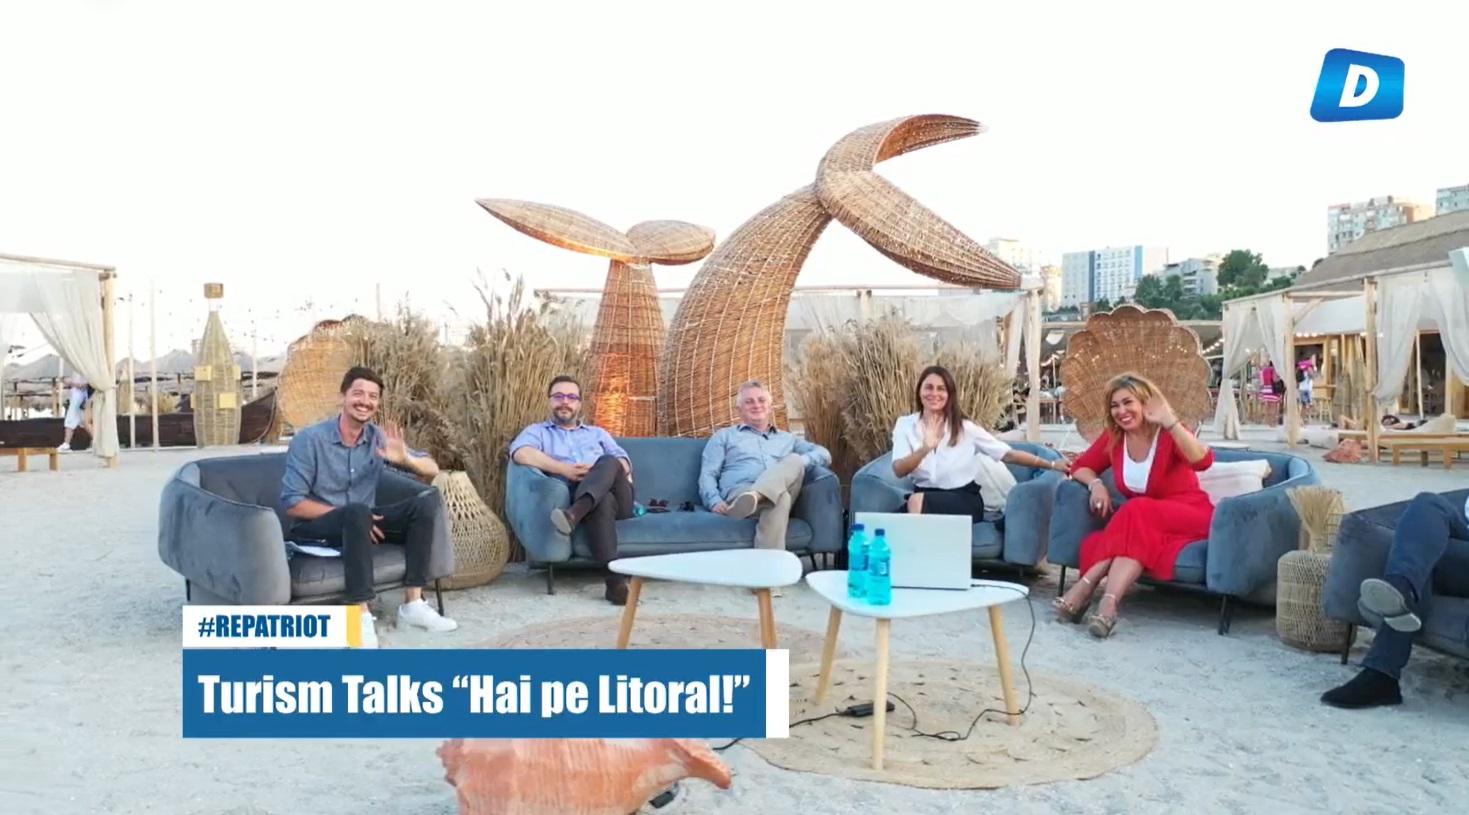 Repatriot Turism: Litoralul românesc înseamnă acasă, rude, prieteni, cunoștințe